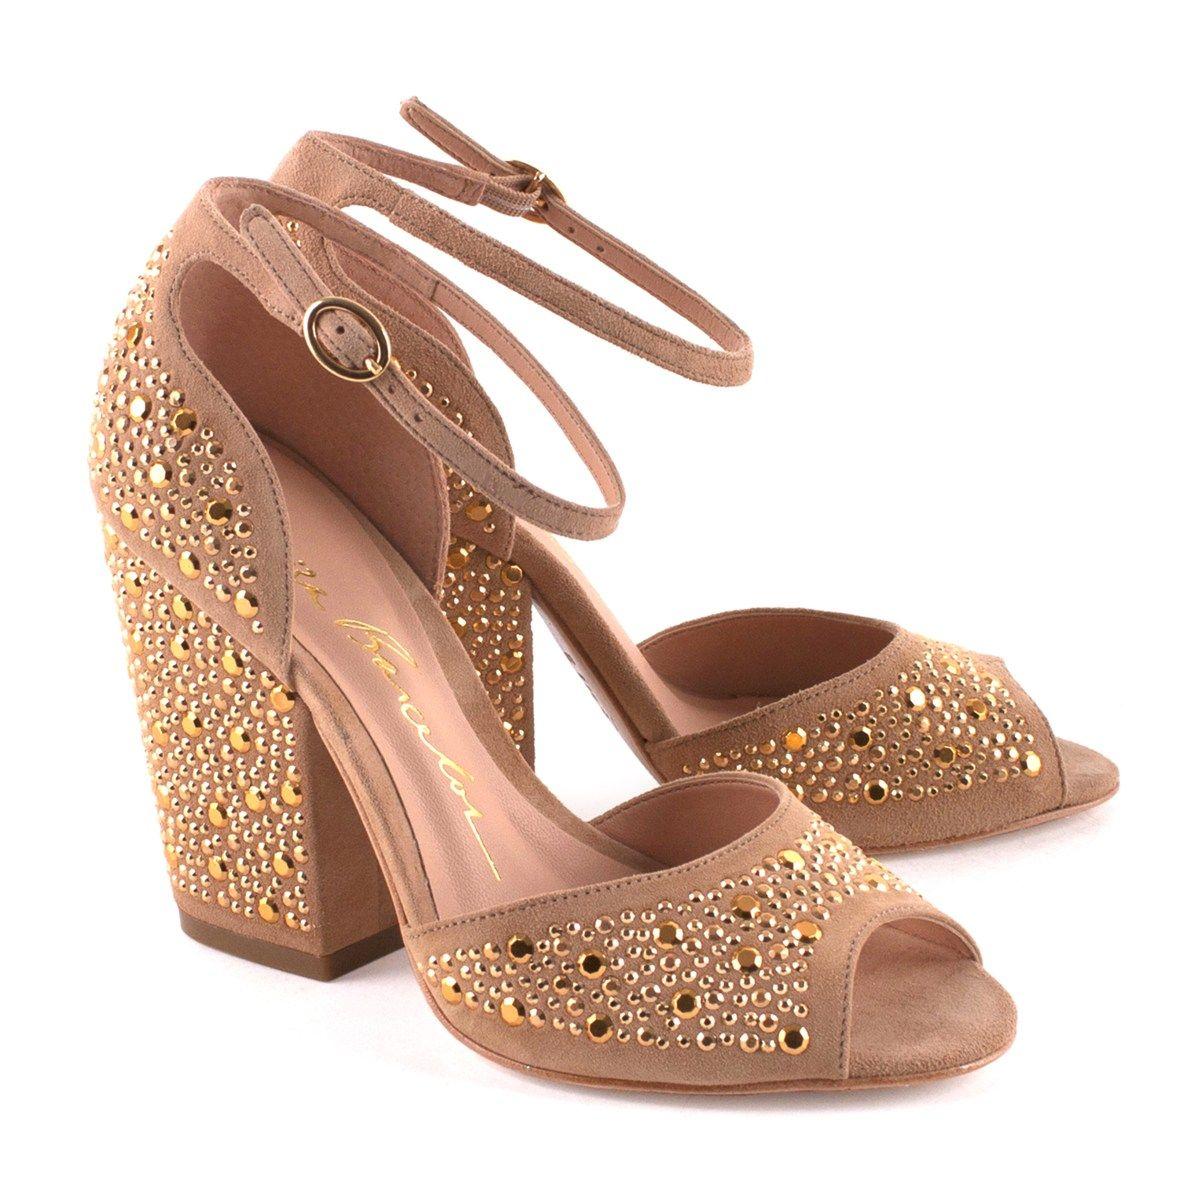 d9e10a1e7b Sandália salto grosso. Sapatos Chiques